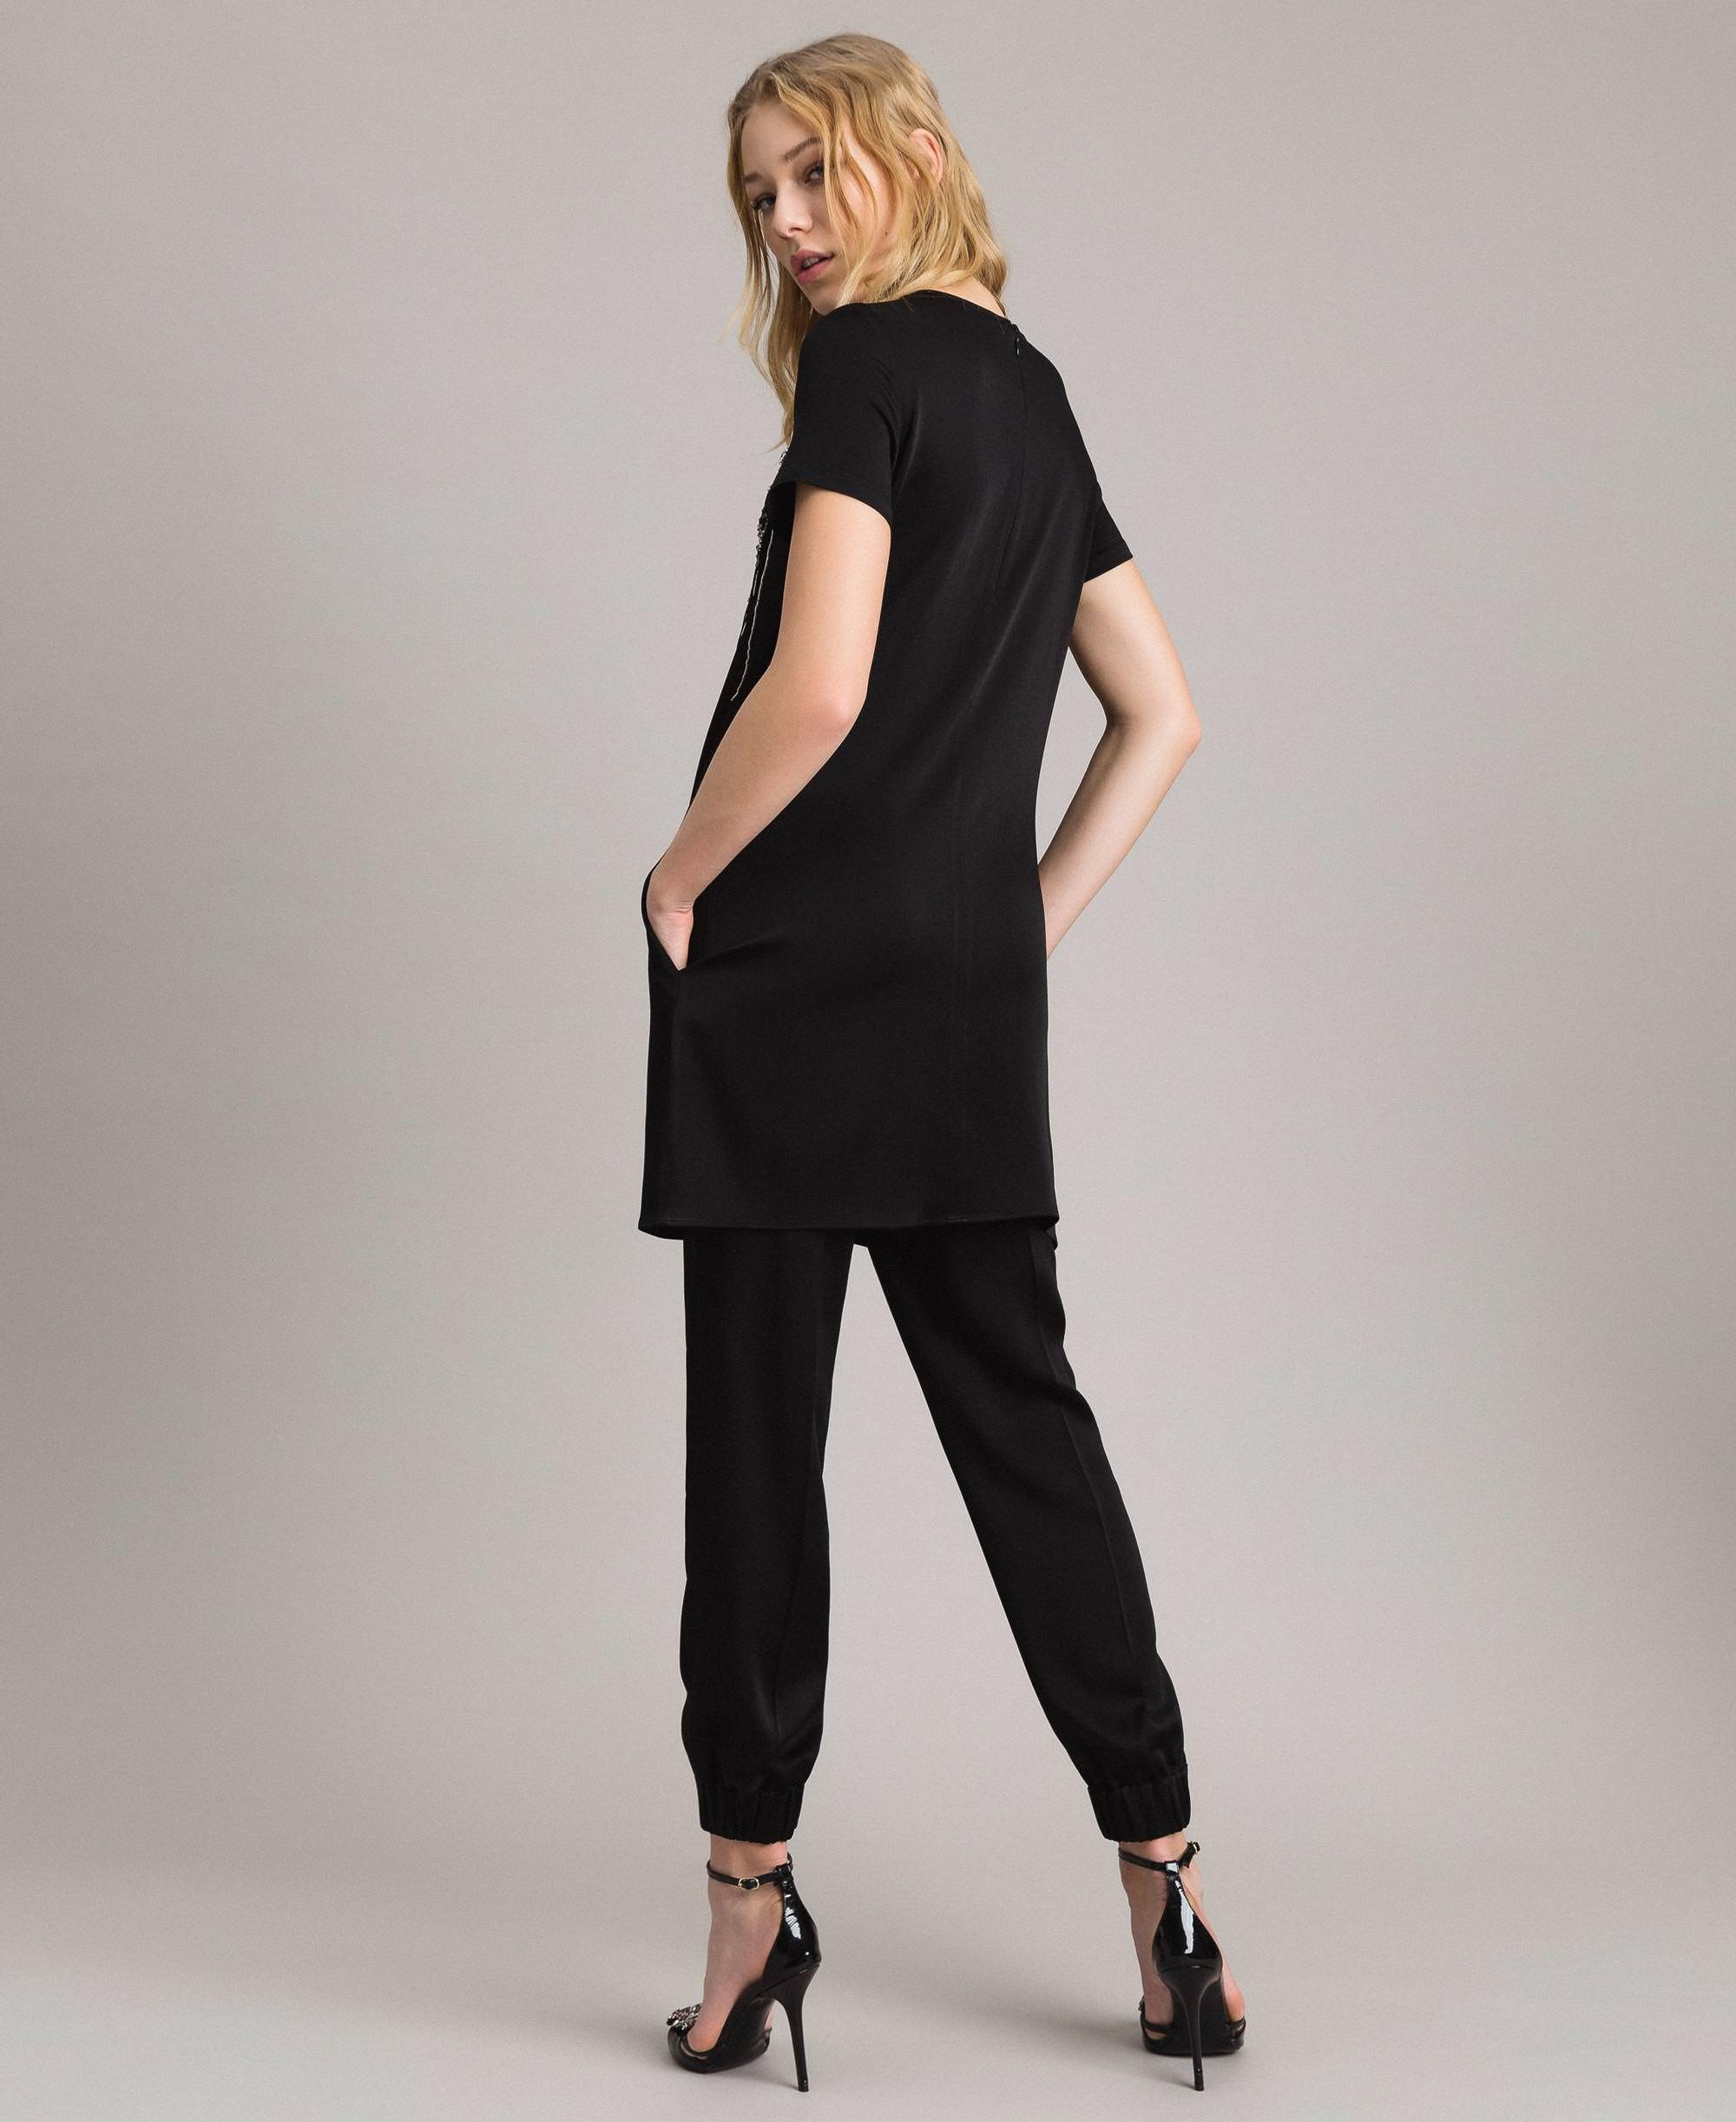 Braccio Tunica di pantaloni o